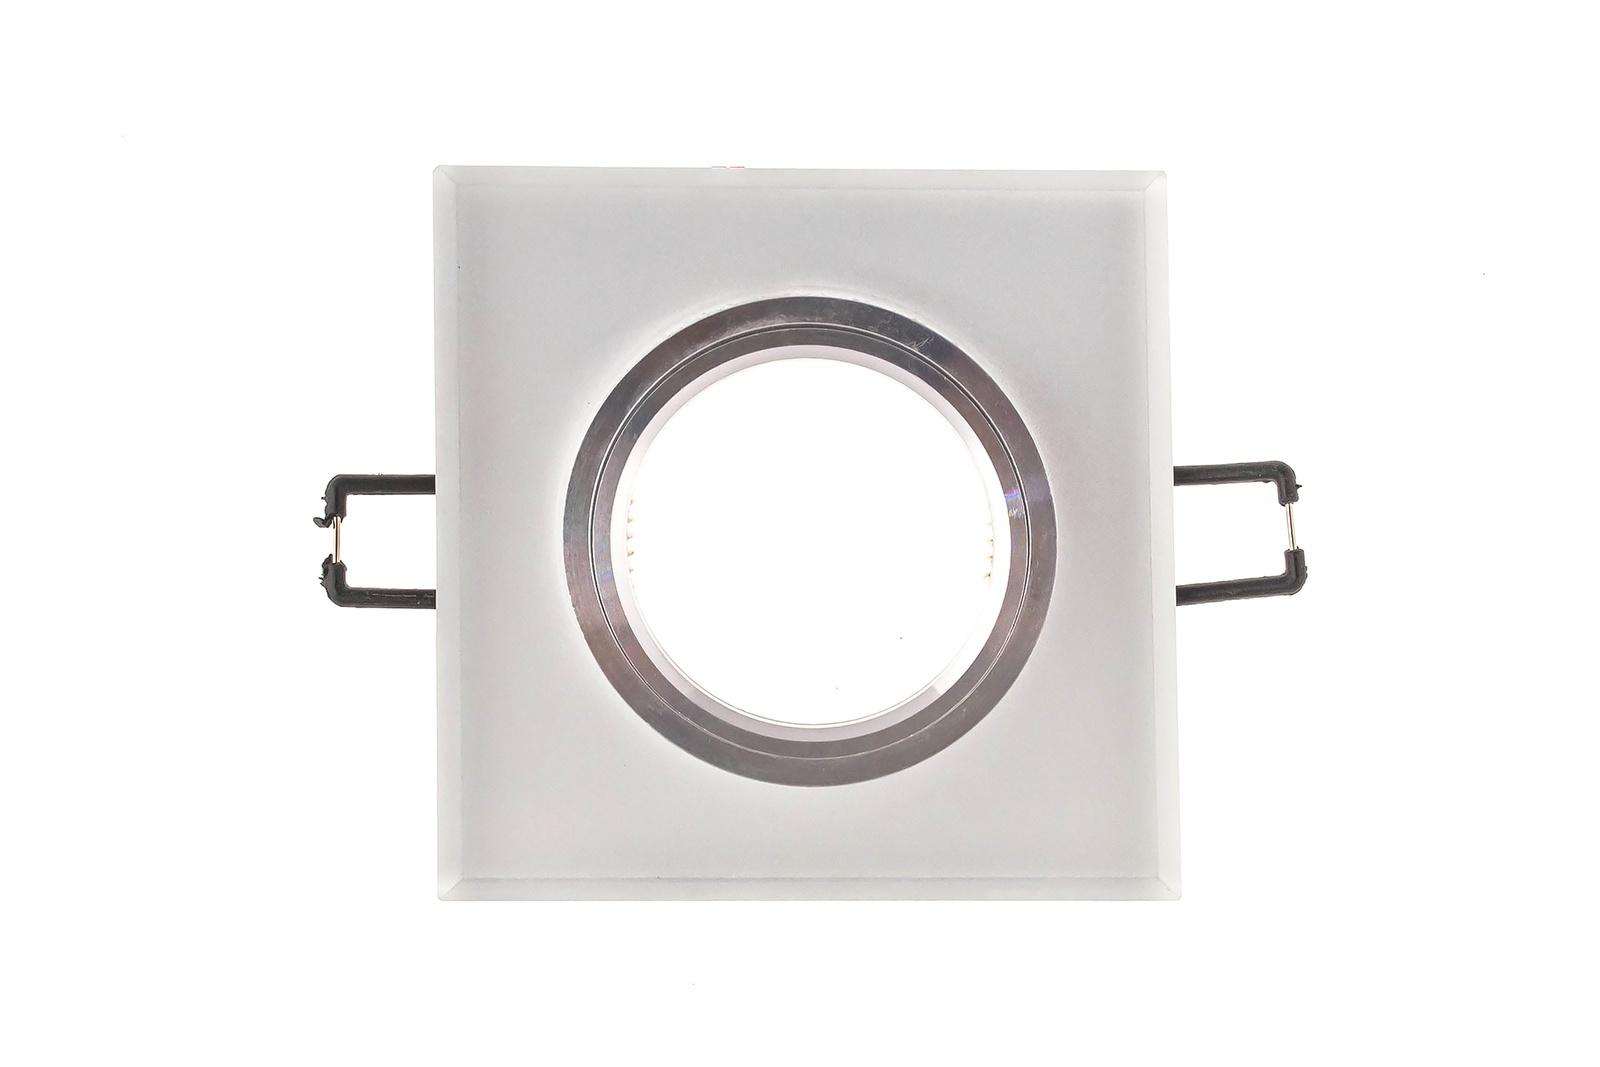 Встраиваемый светильник Ambrella light S215W/CH/WH ambrella встраиваемый светильник ambrella led s701 cl ch ww